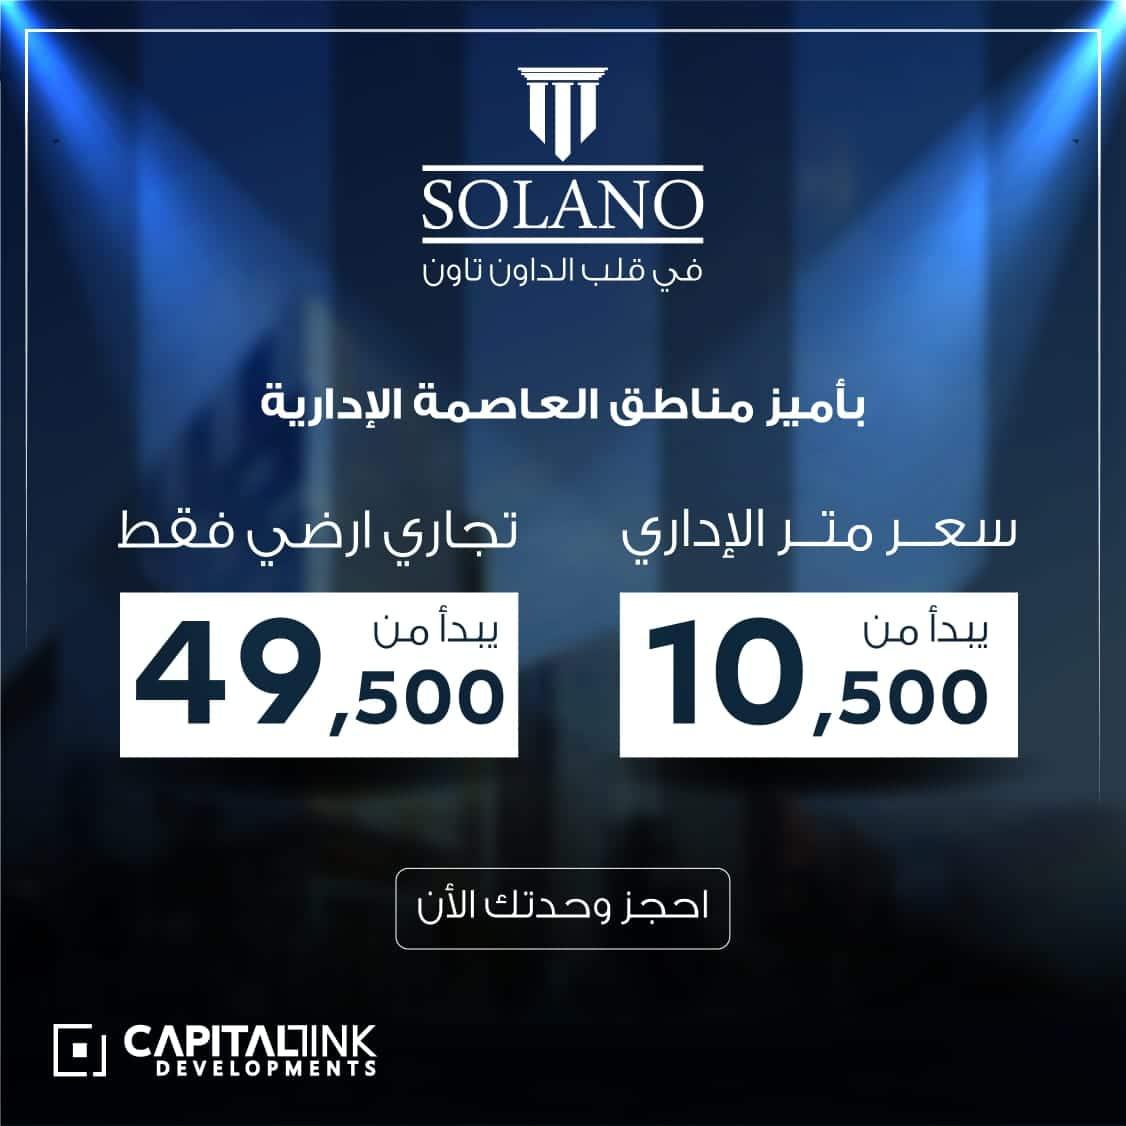 مول سولانو العاصمة الإدارية Solano Mall New Capital